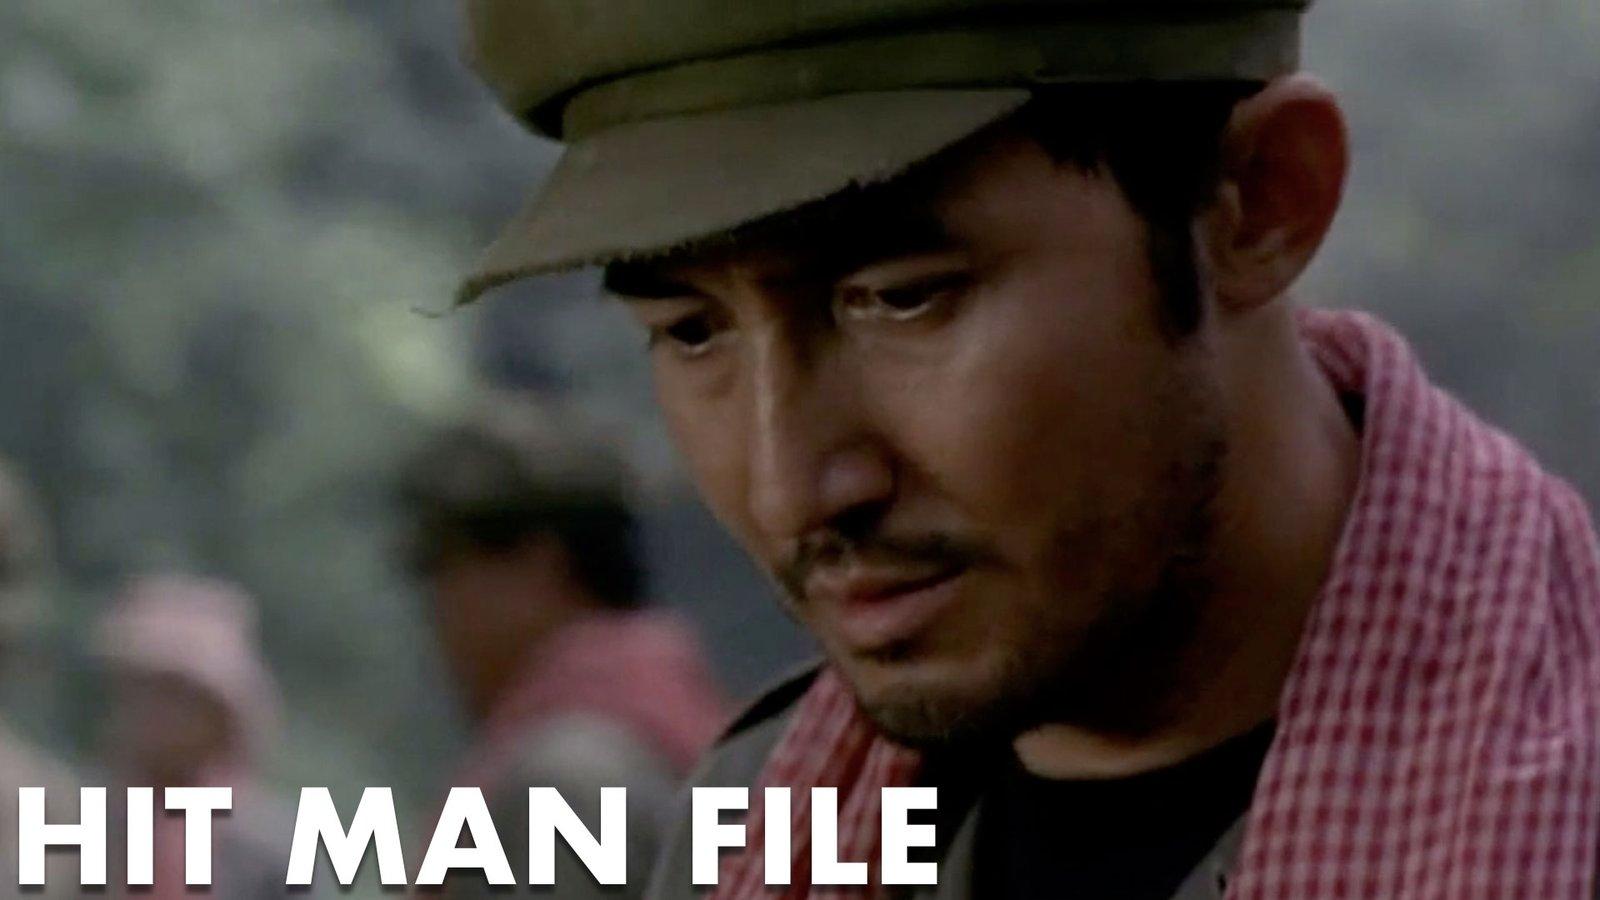 Hit Man File - Sum muepuen